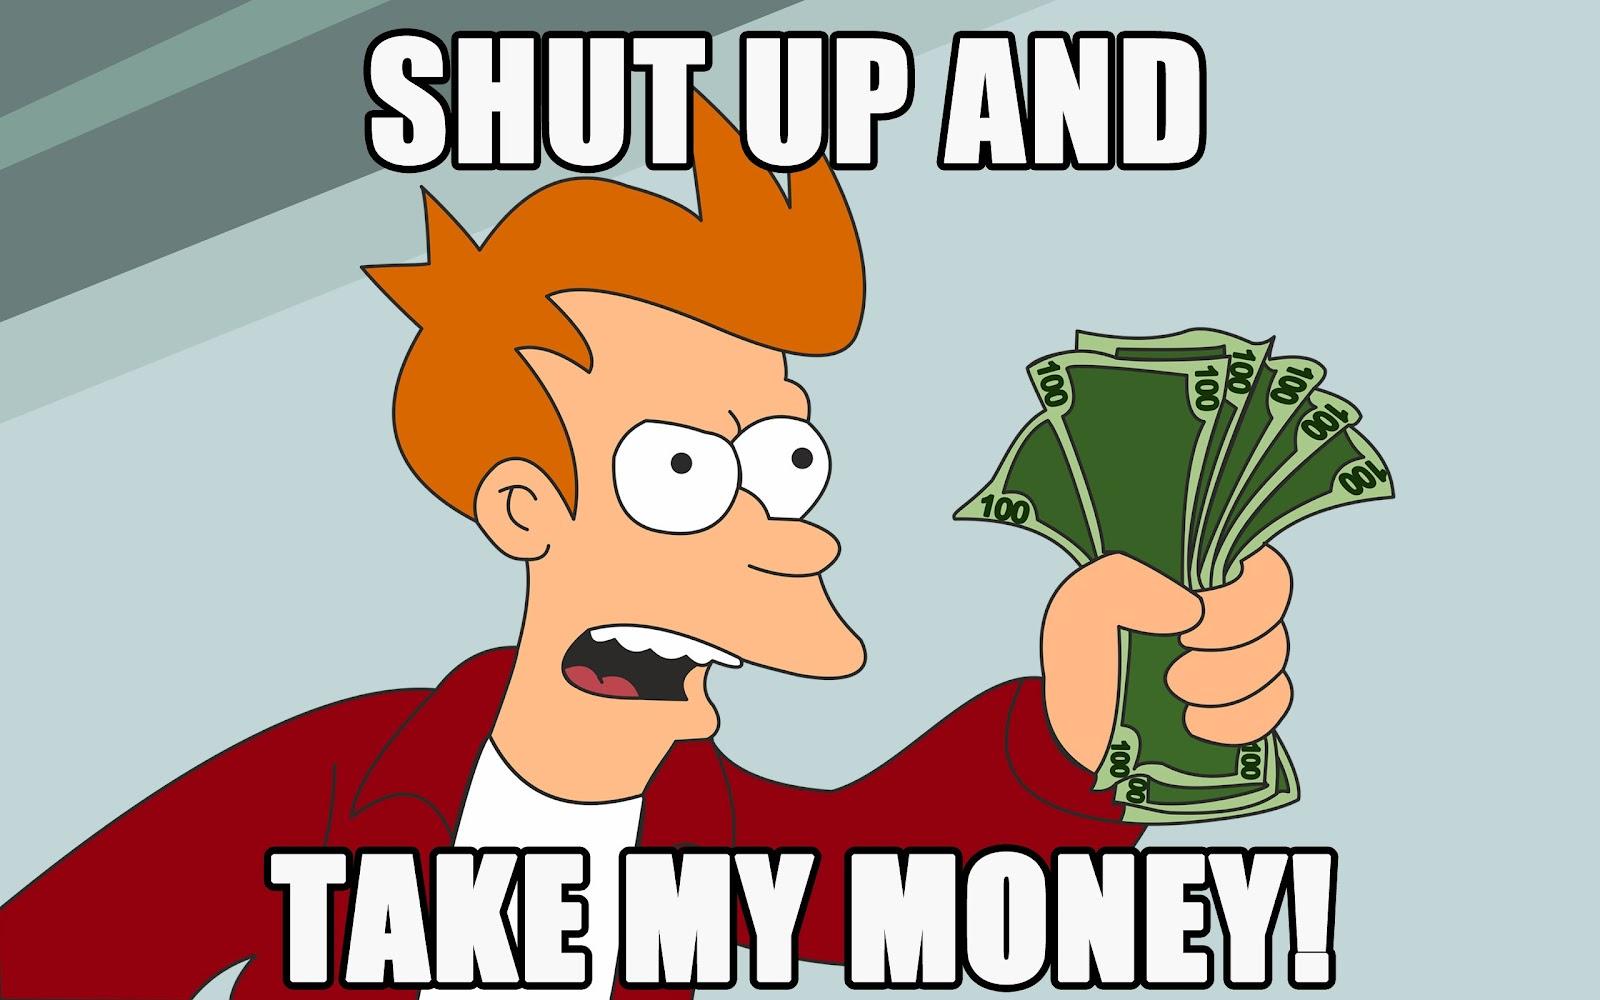 2590868-shut_up_and_take_my_money_9299_2